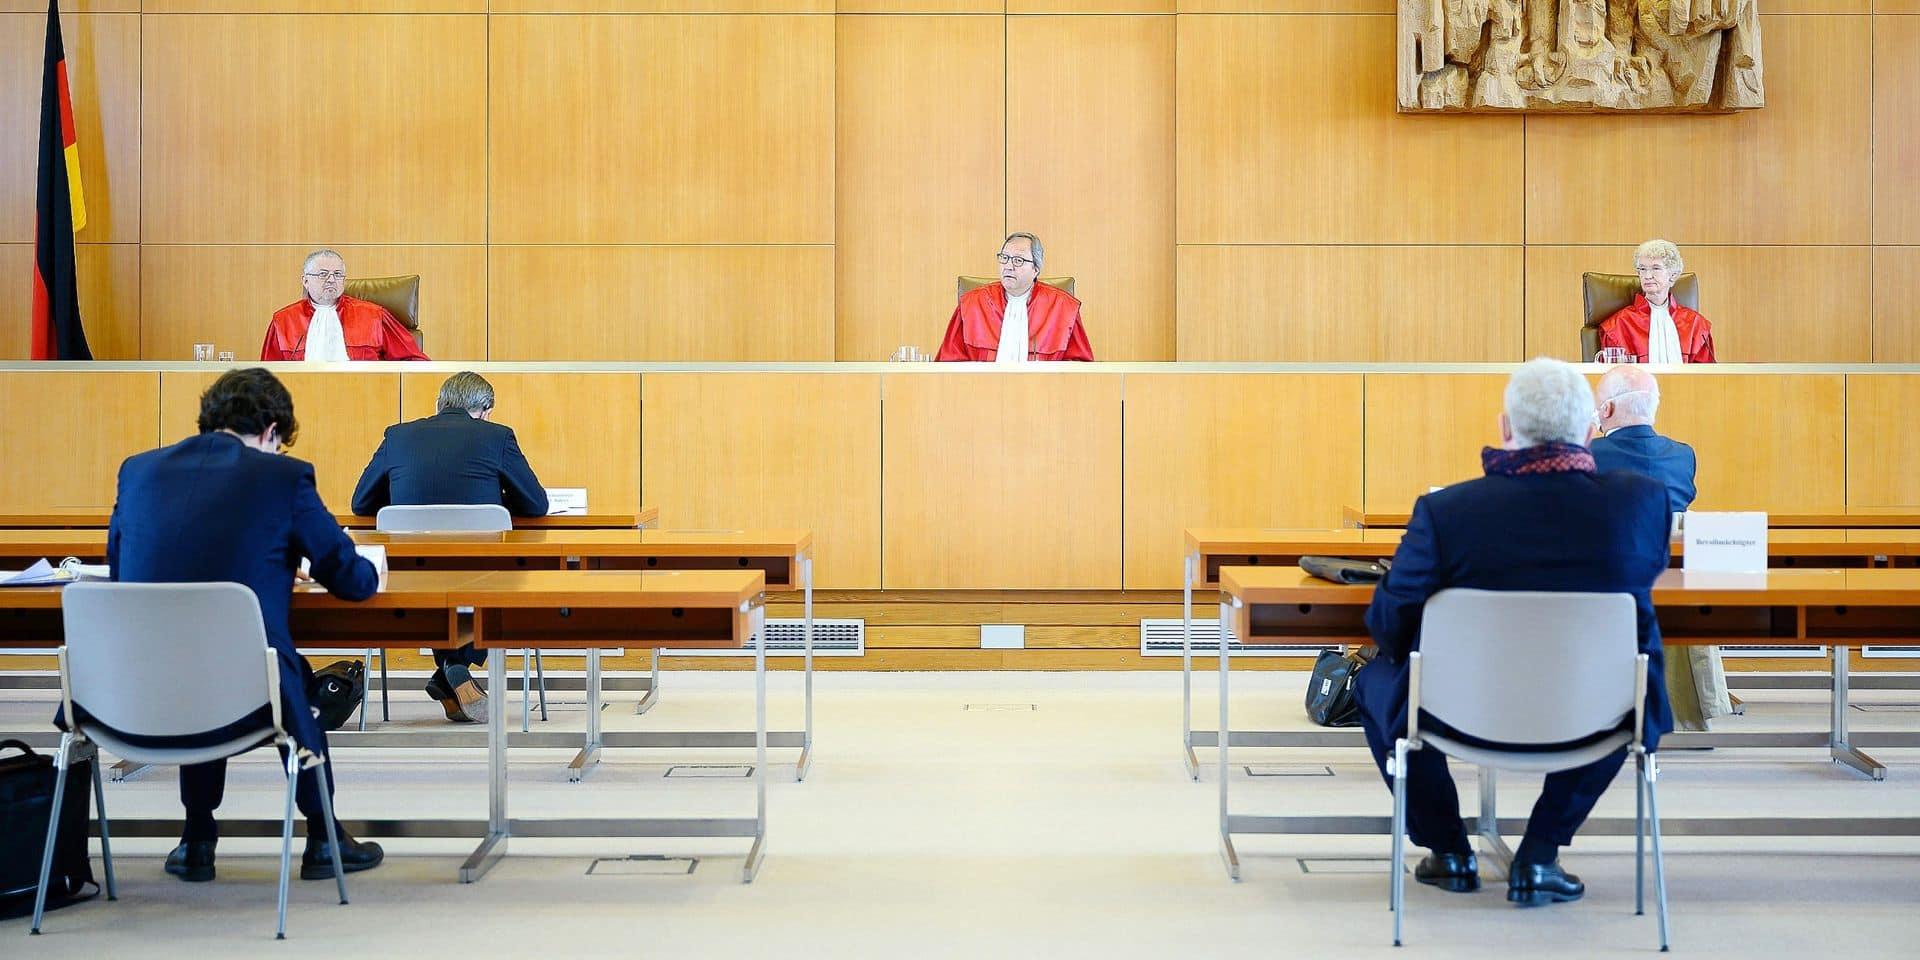 La justice allemande demande des comptes à la Banque centrale européenne et soufflète la Cour de justice de l'UE